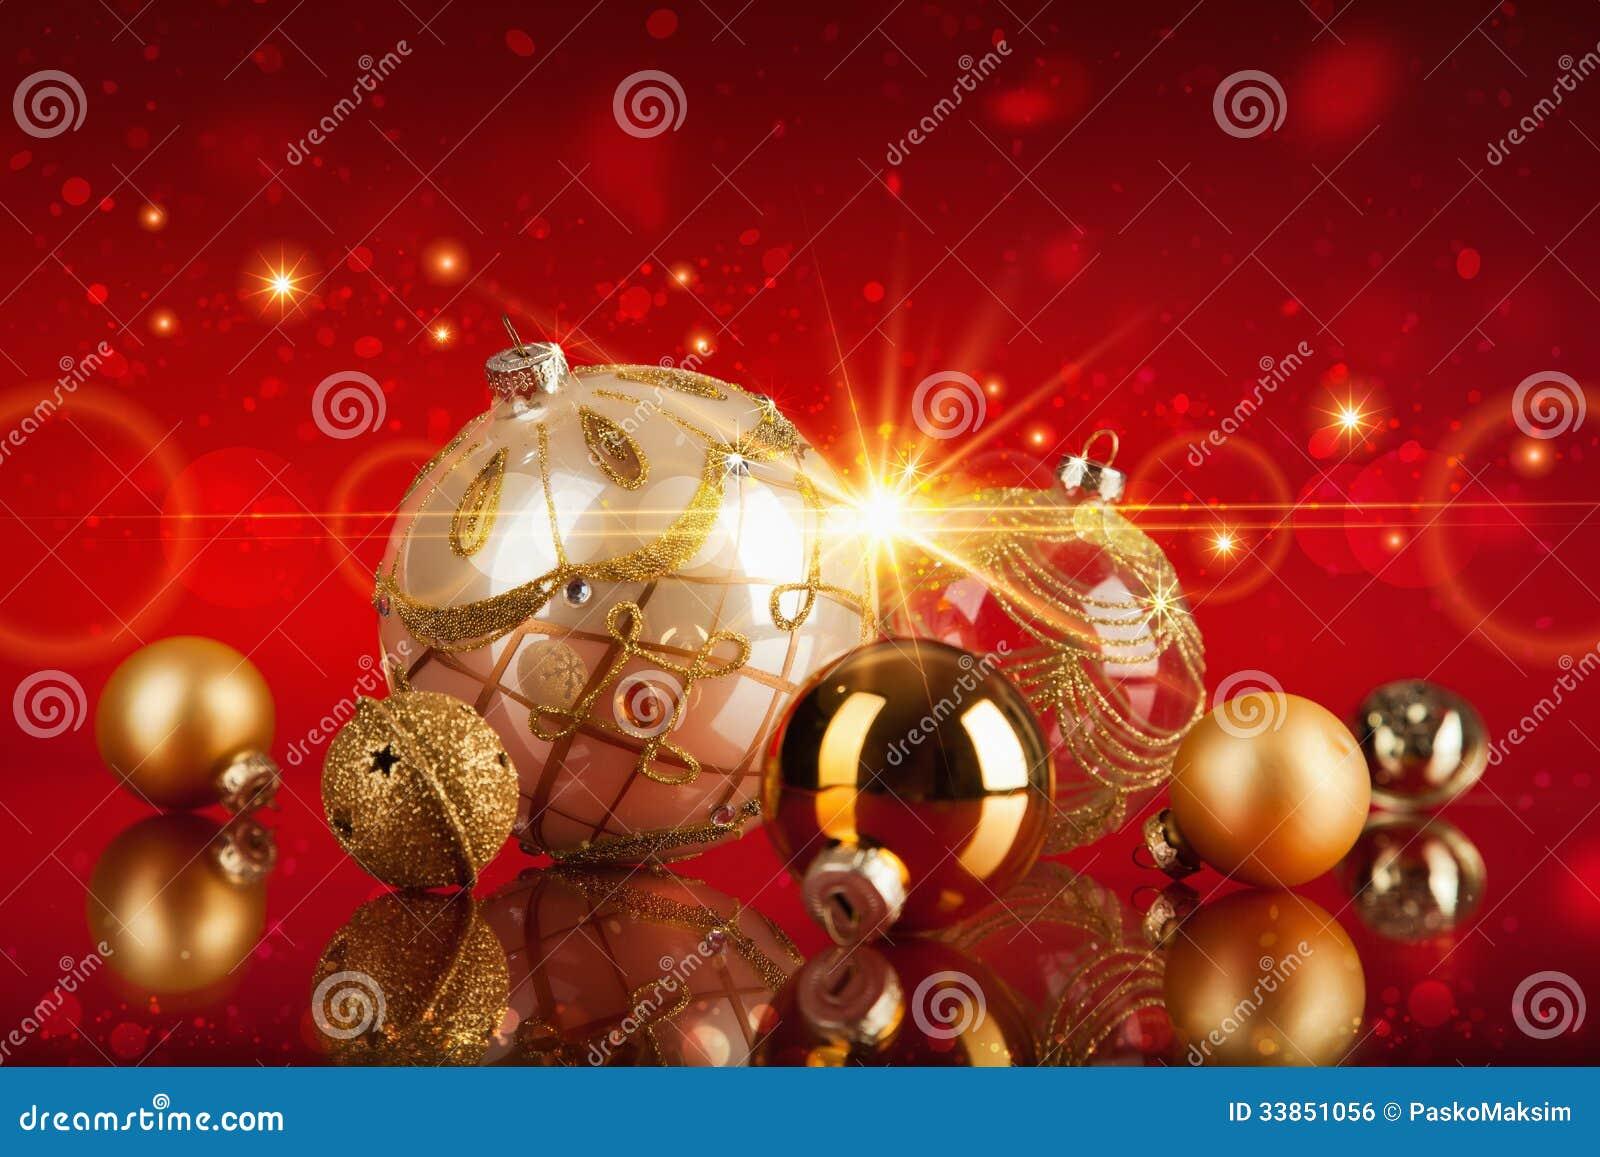 Weihnachtsbälle